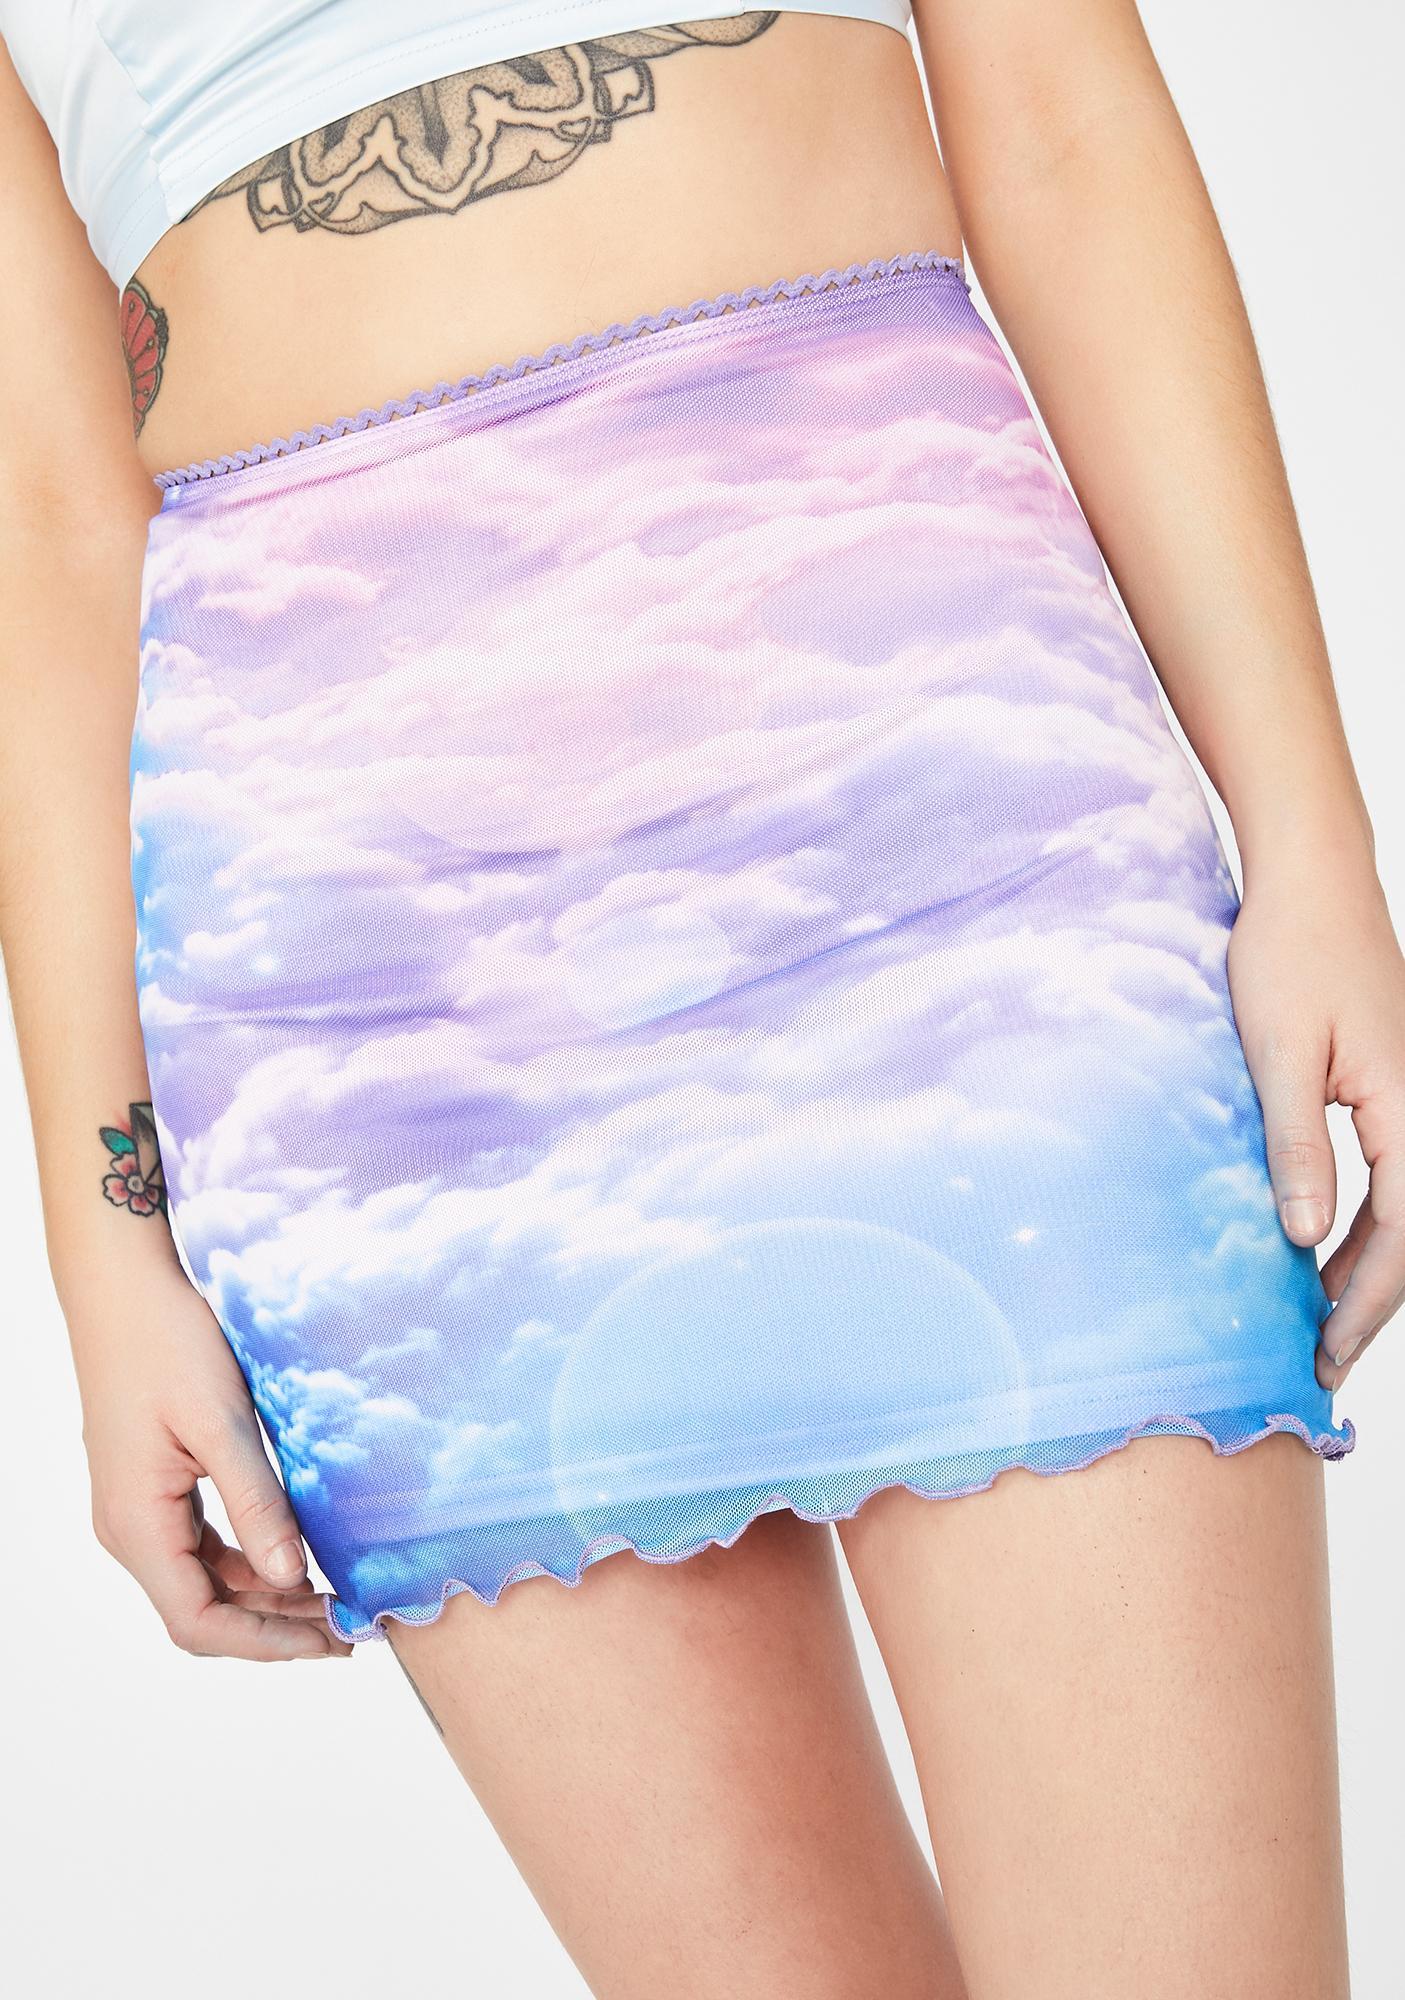 HOROSCOPEZ Heaven's Calling Mesh Skirt